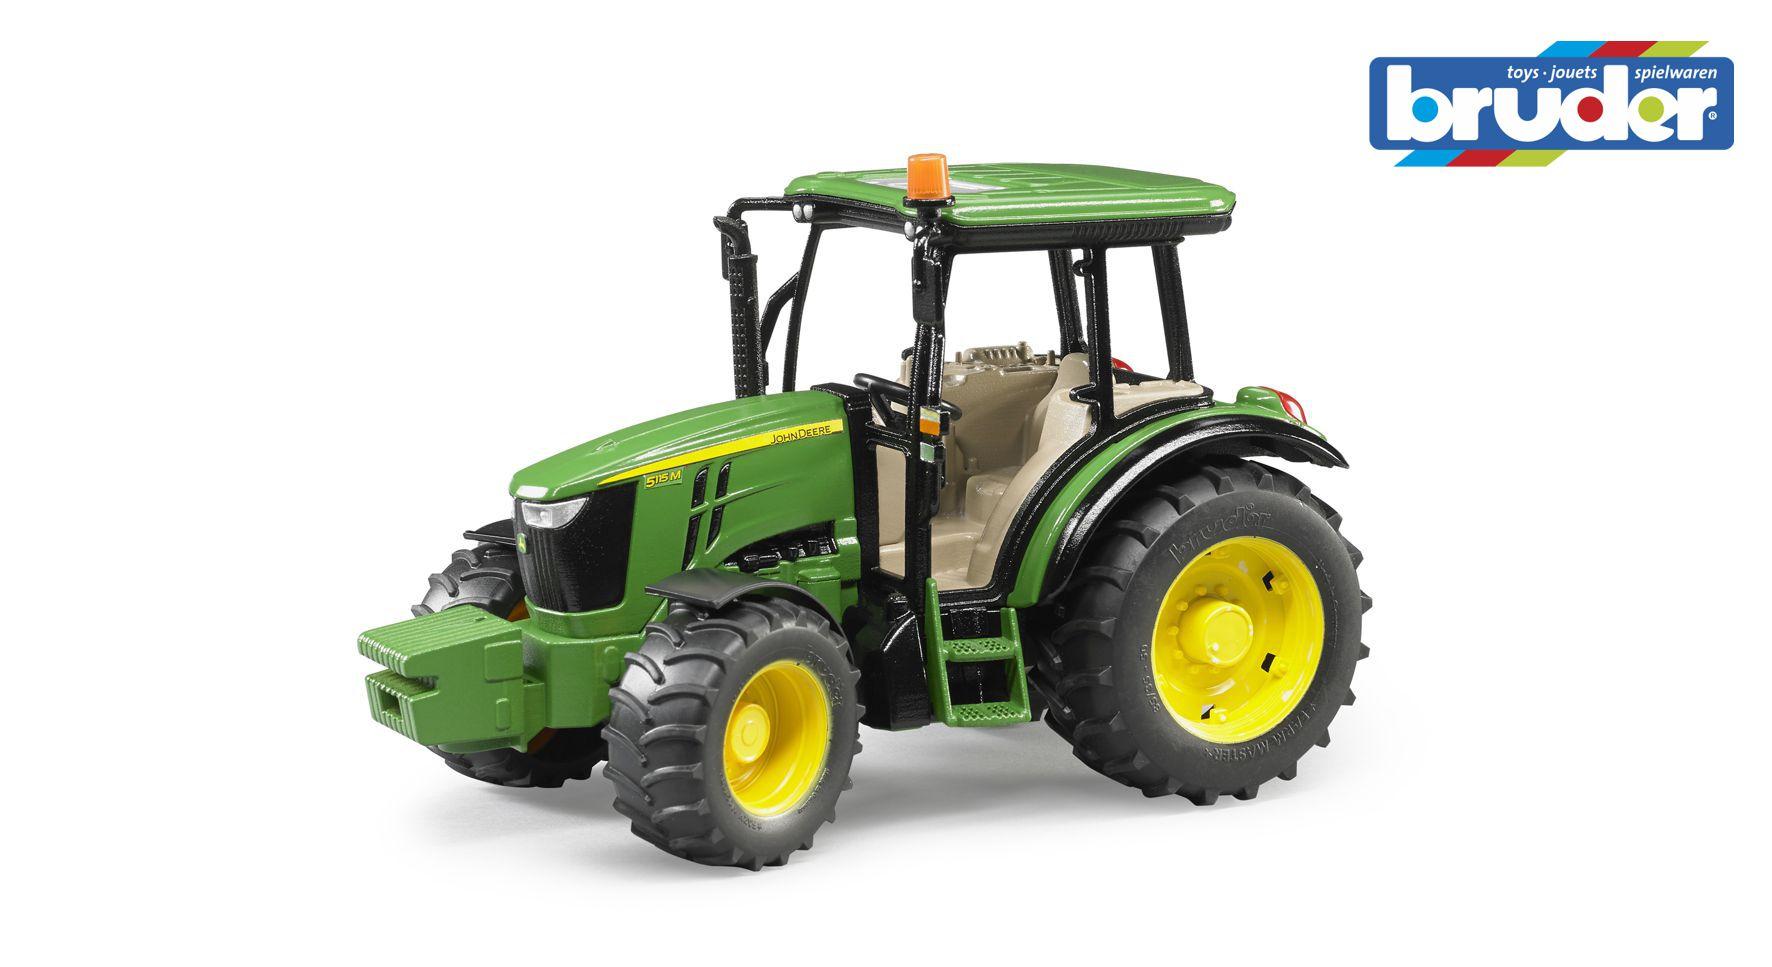 BRUDER 2106 Traktor JOHN DEERE